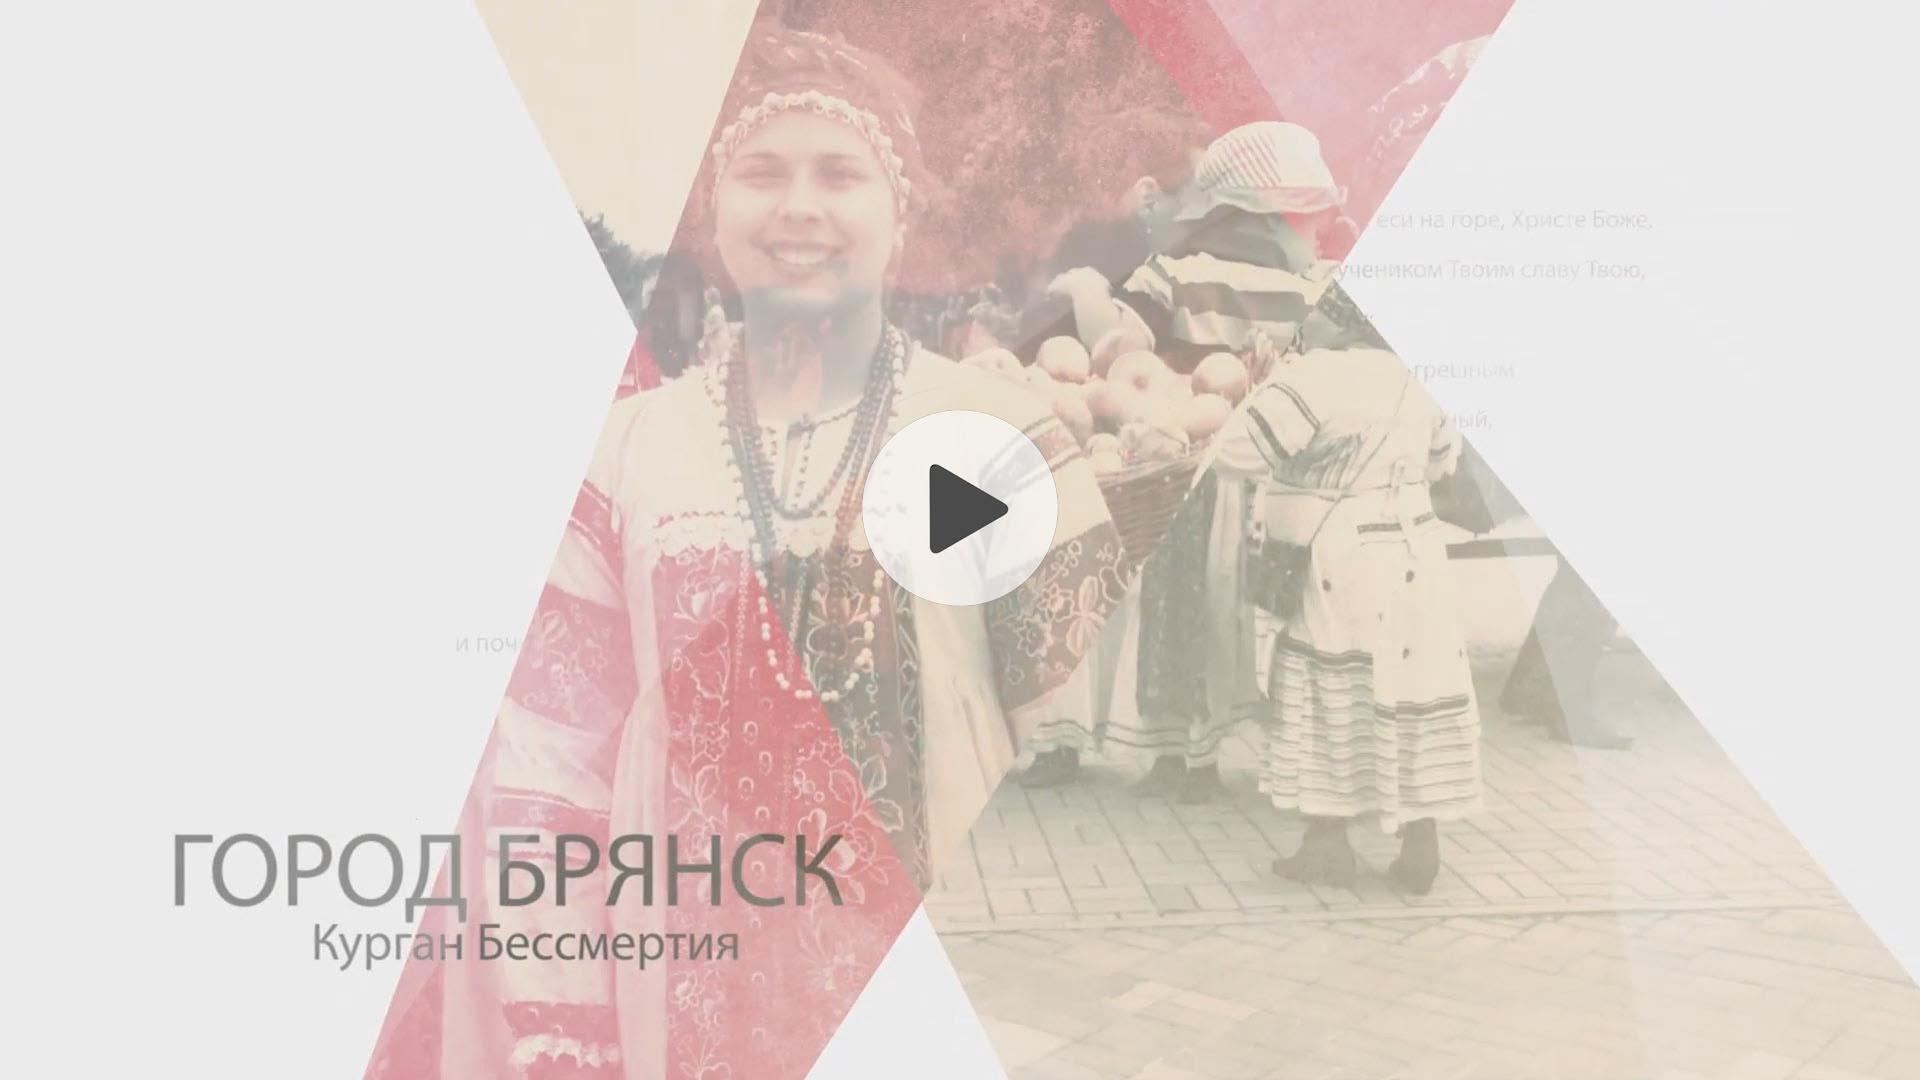 Видеосъемка фестивалей в Брянске